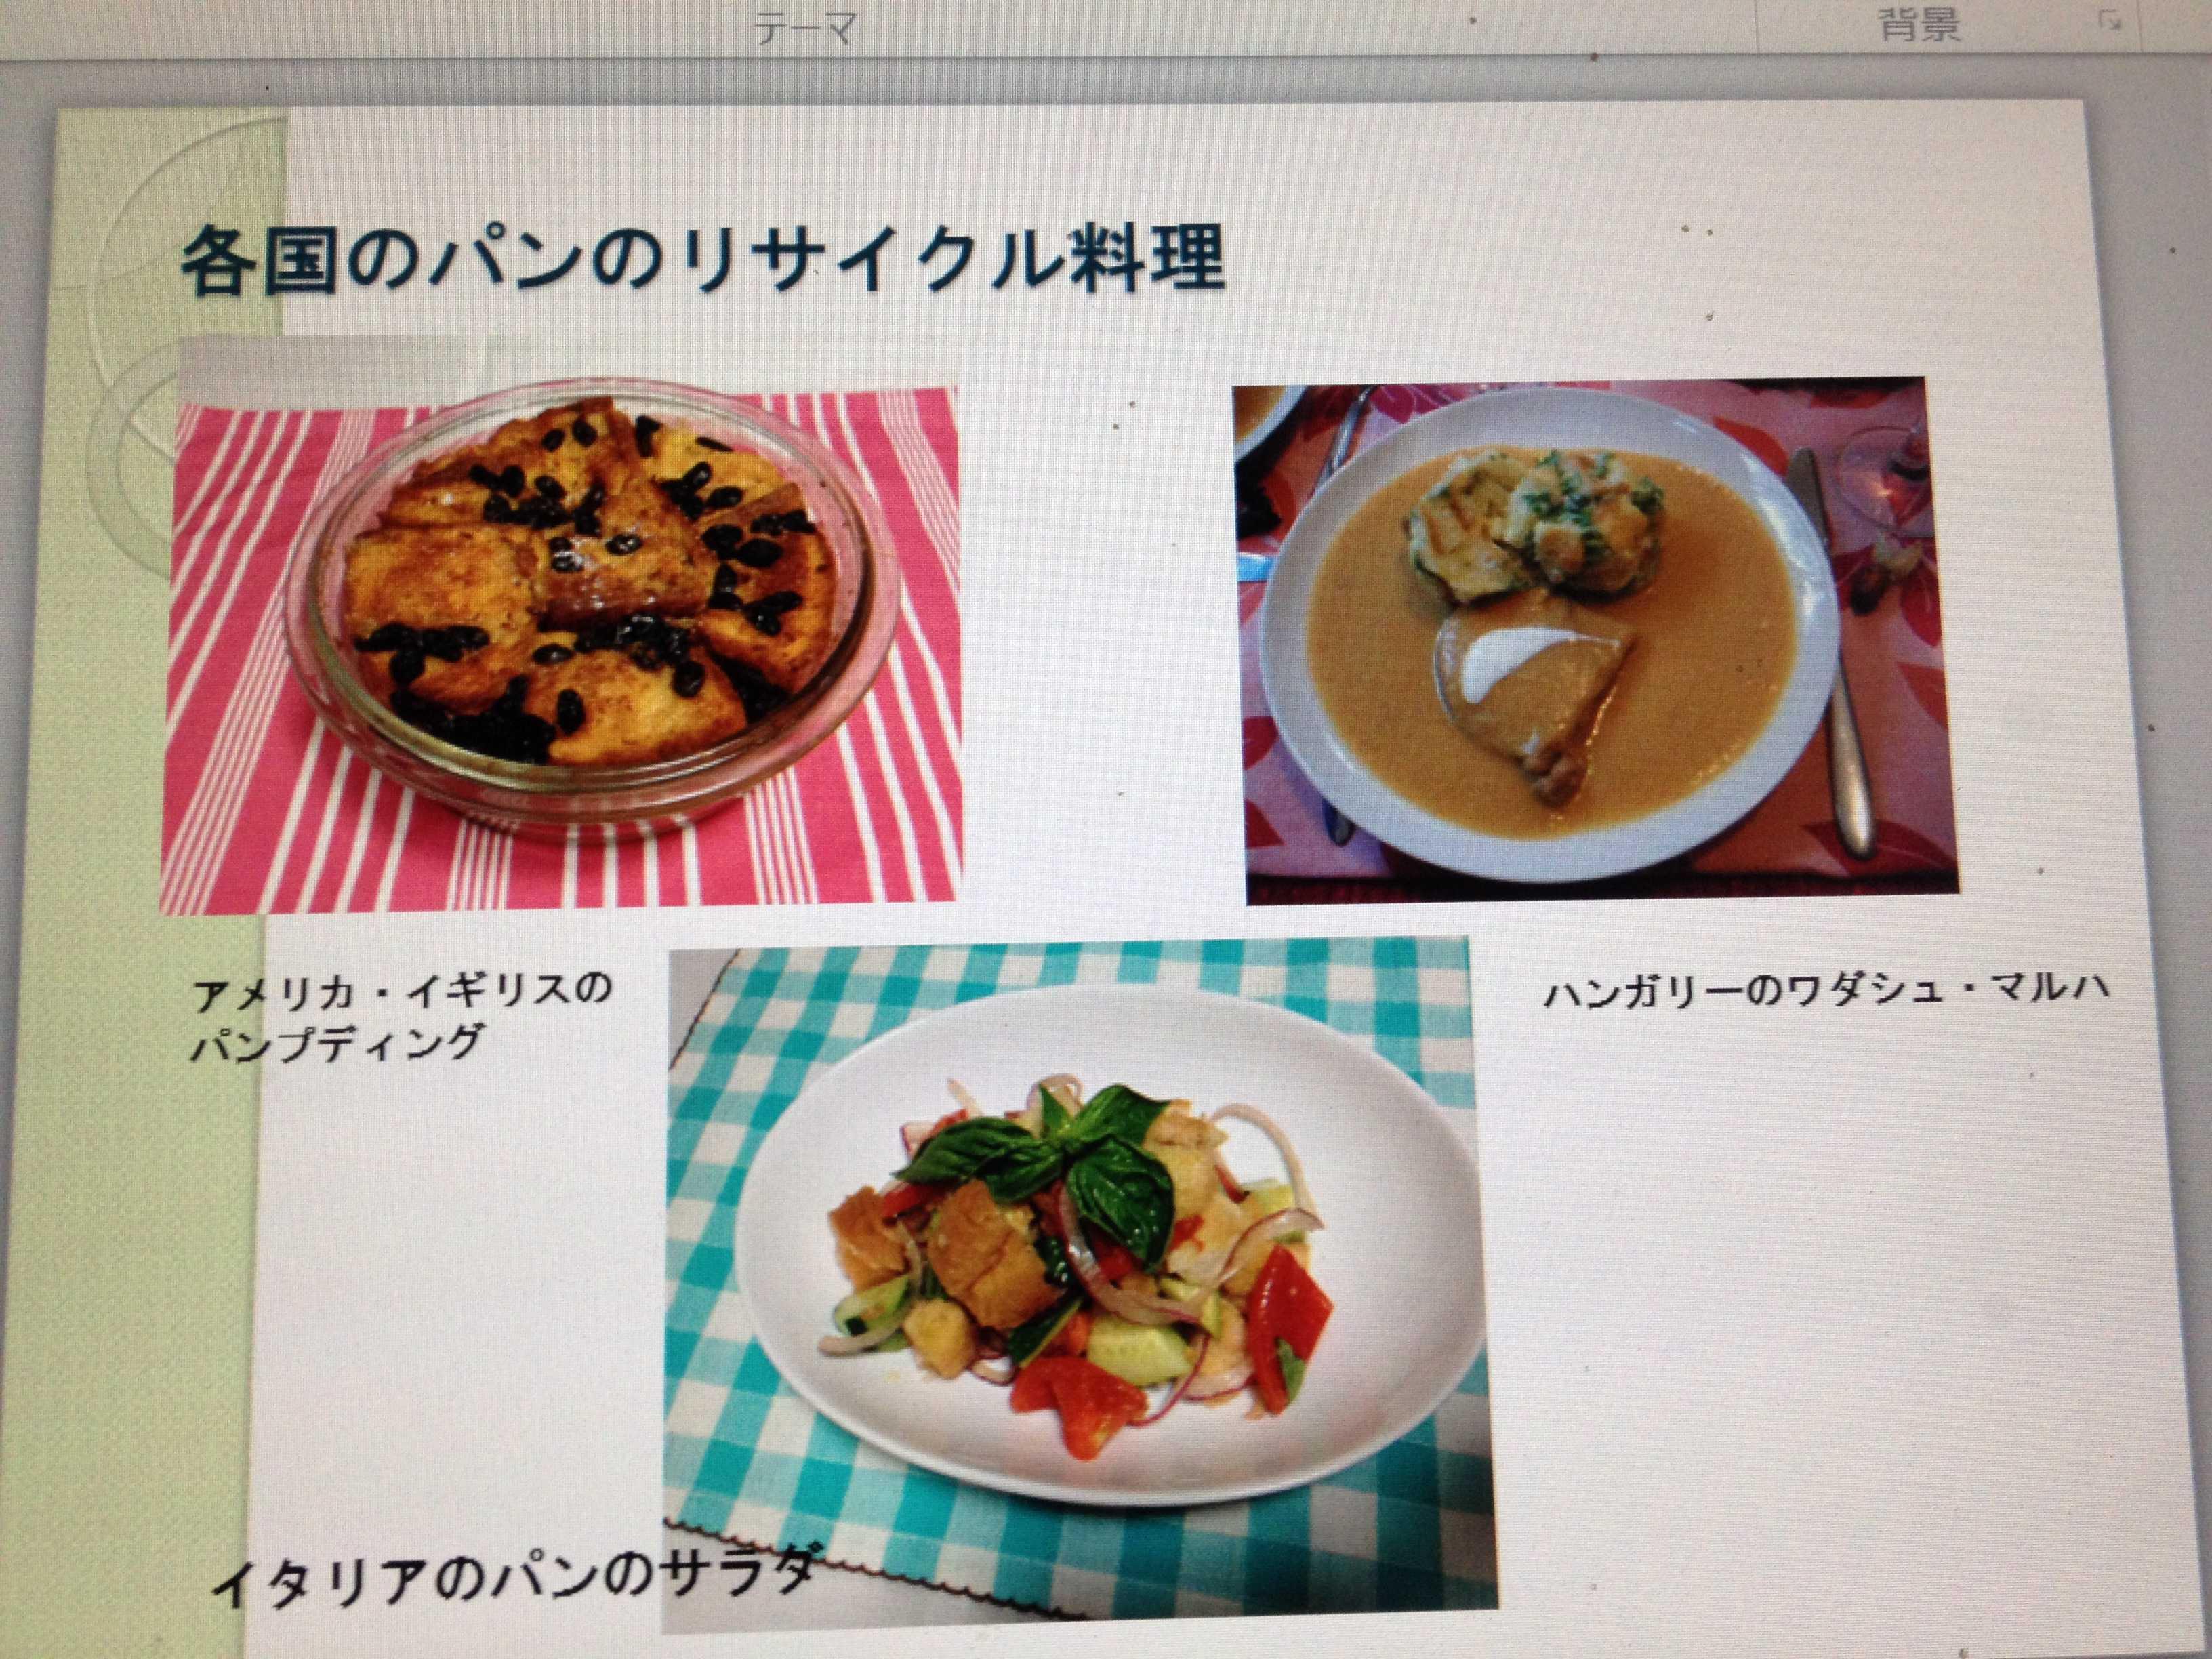 【講演のお知らせ】船橋市で食品ロスについての講演をします_d0339678_12353938.jpg